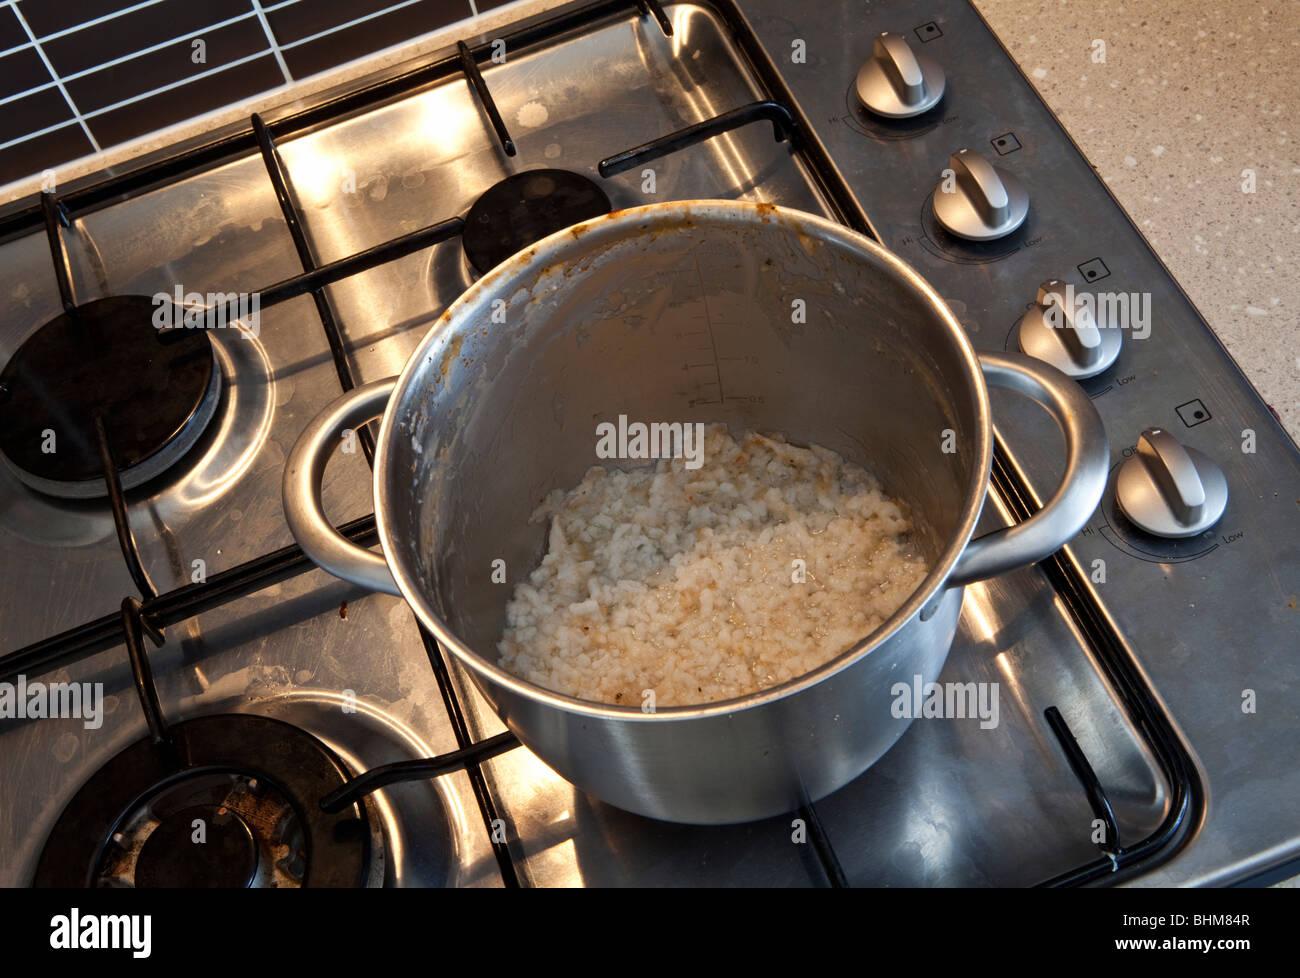 Avanzi di riso incrostato su una padella Immagini Stock